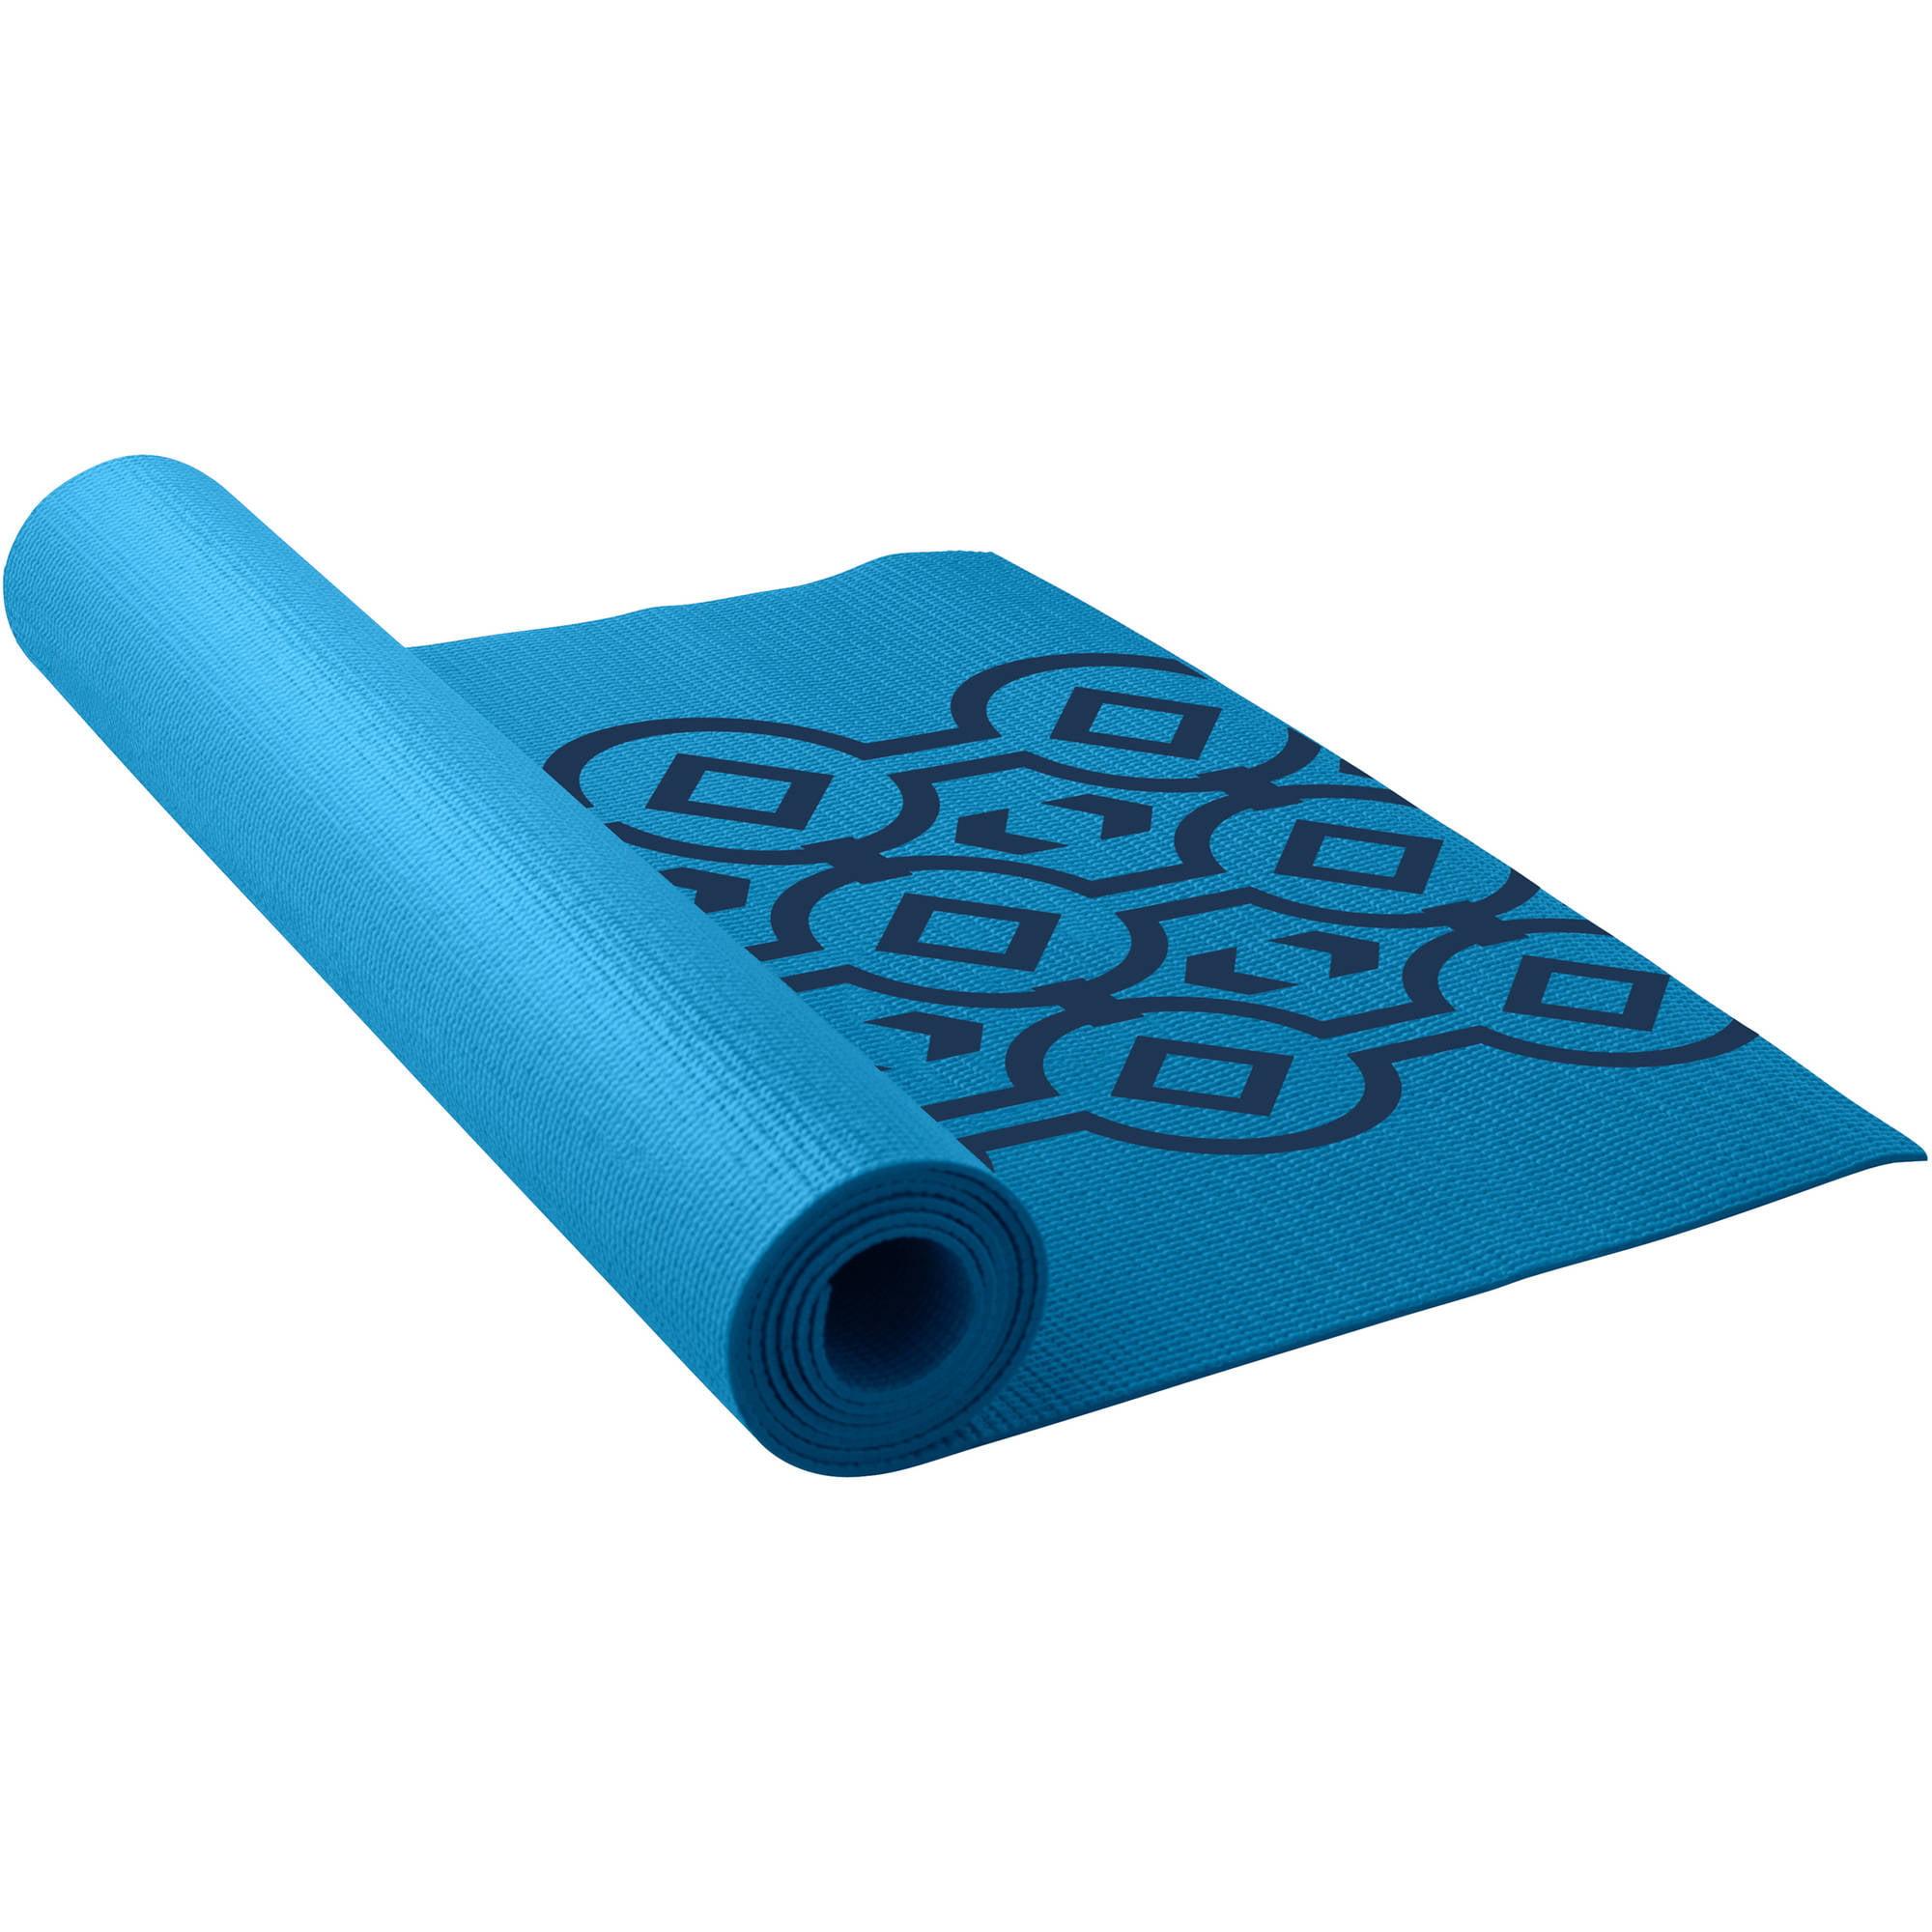 Yoga Mats & Bags - Walmart.com